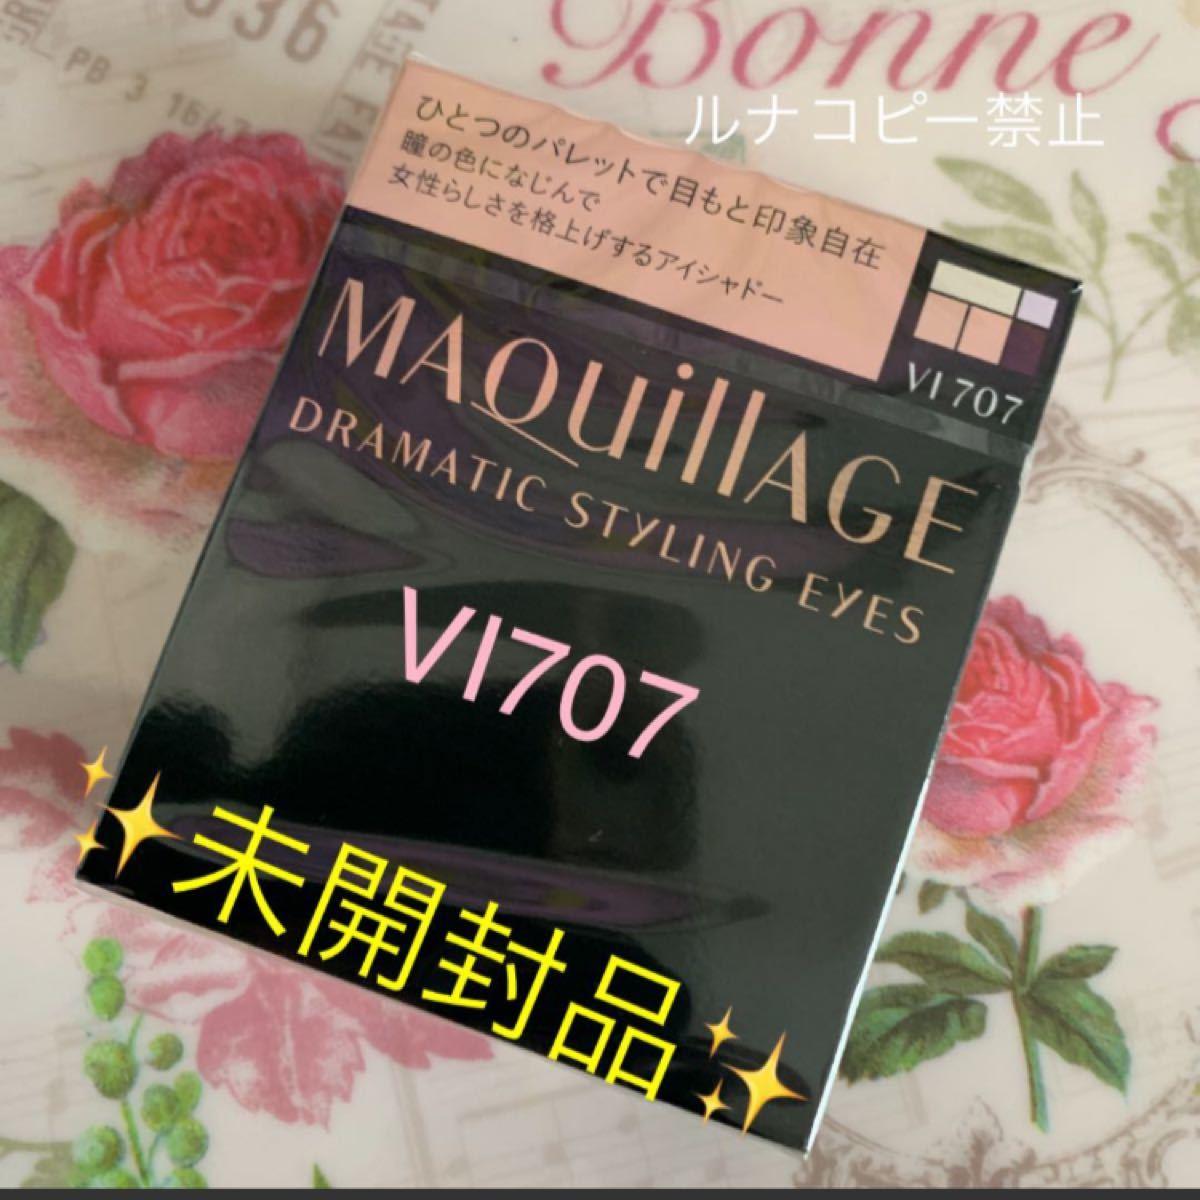 資生堂 マキアージュ ドラマティックスタイリングアイズ VI707